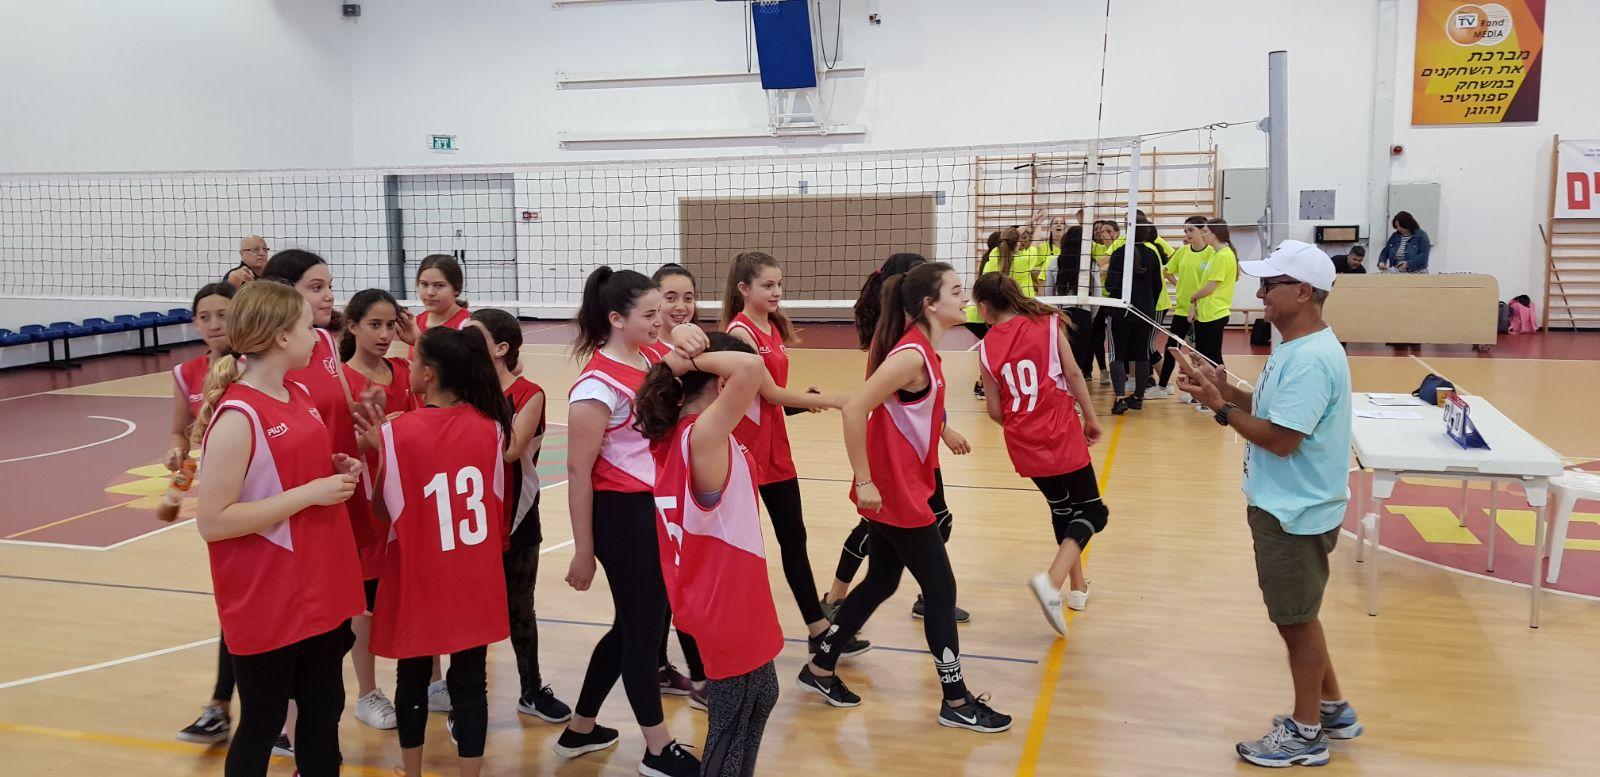 העמותה לקידום הספורט בגבעתיים